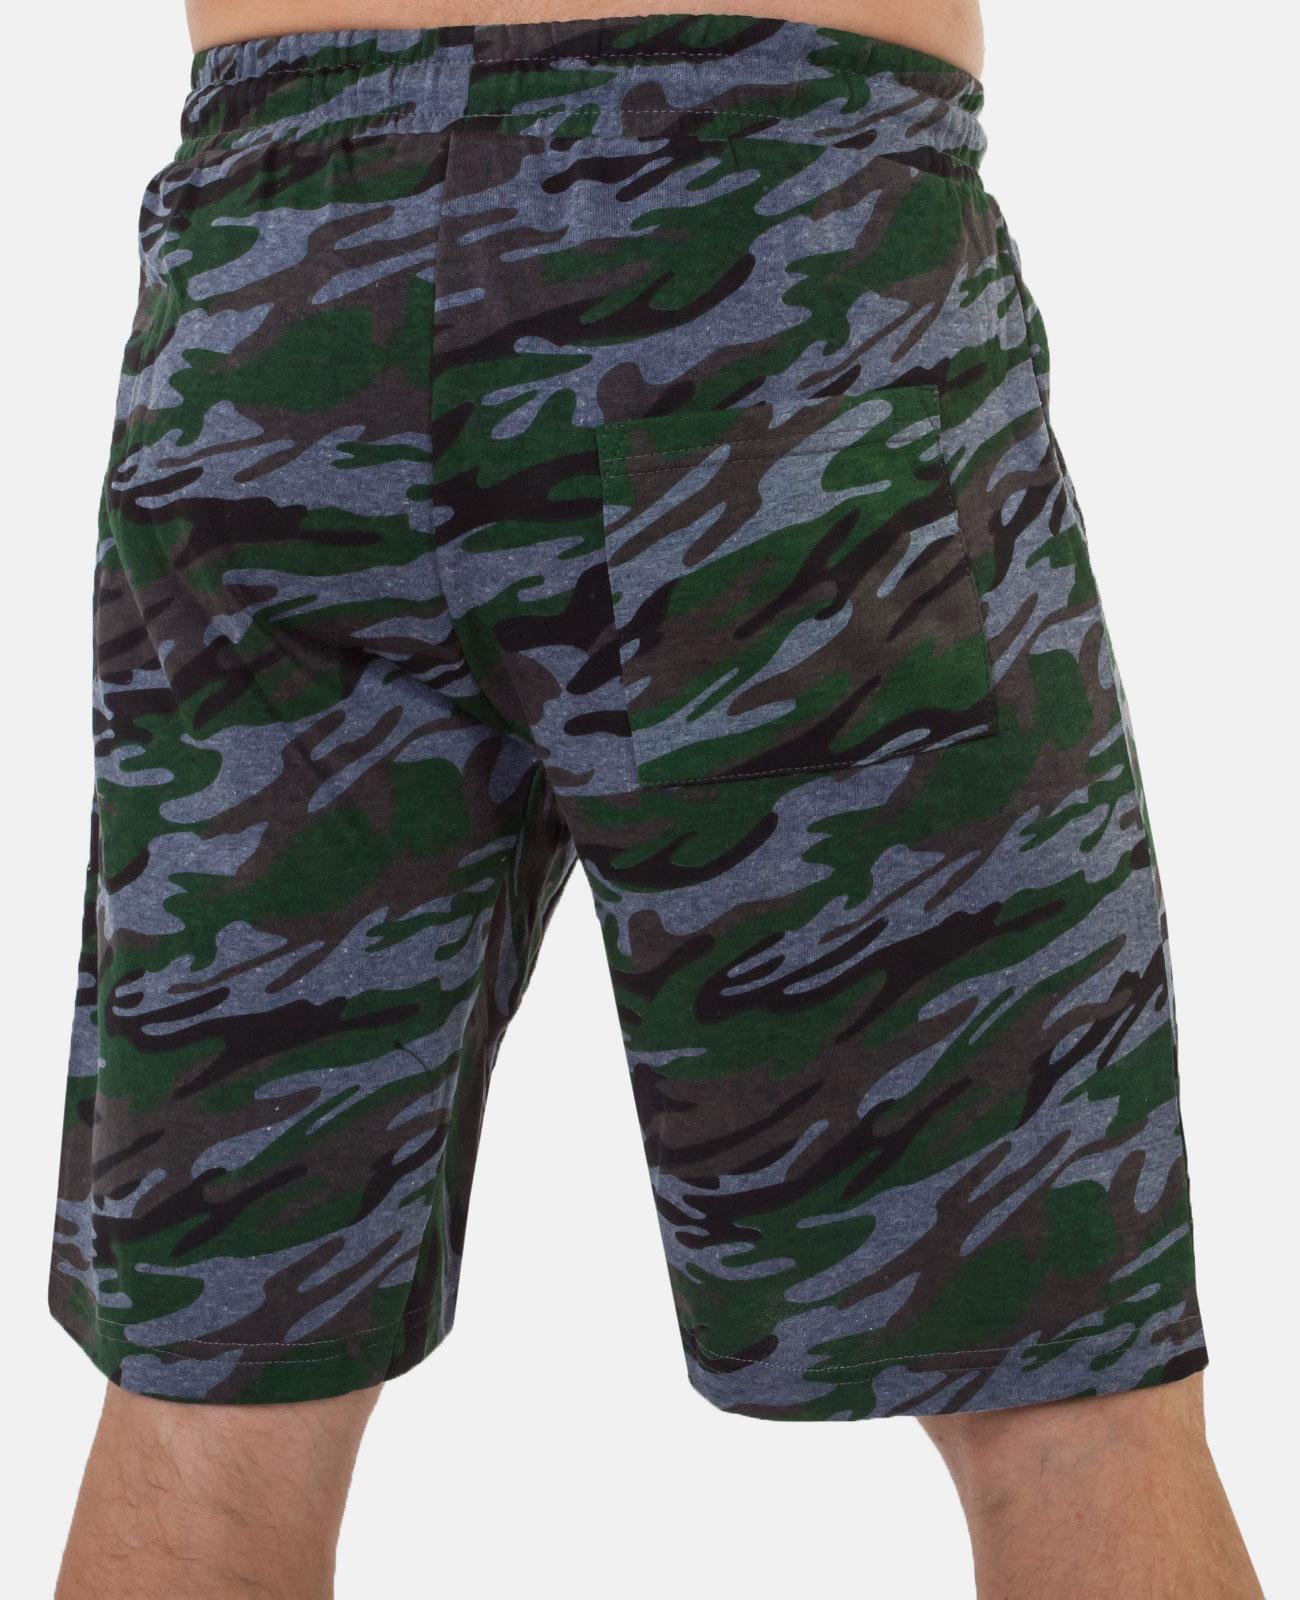 Модные камуфляжные милитари шорты с нашивкой Росгвардия - купить с доставкой